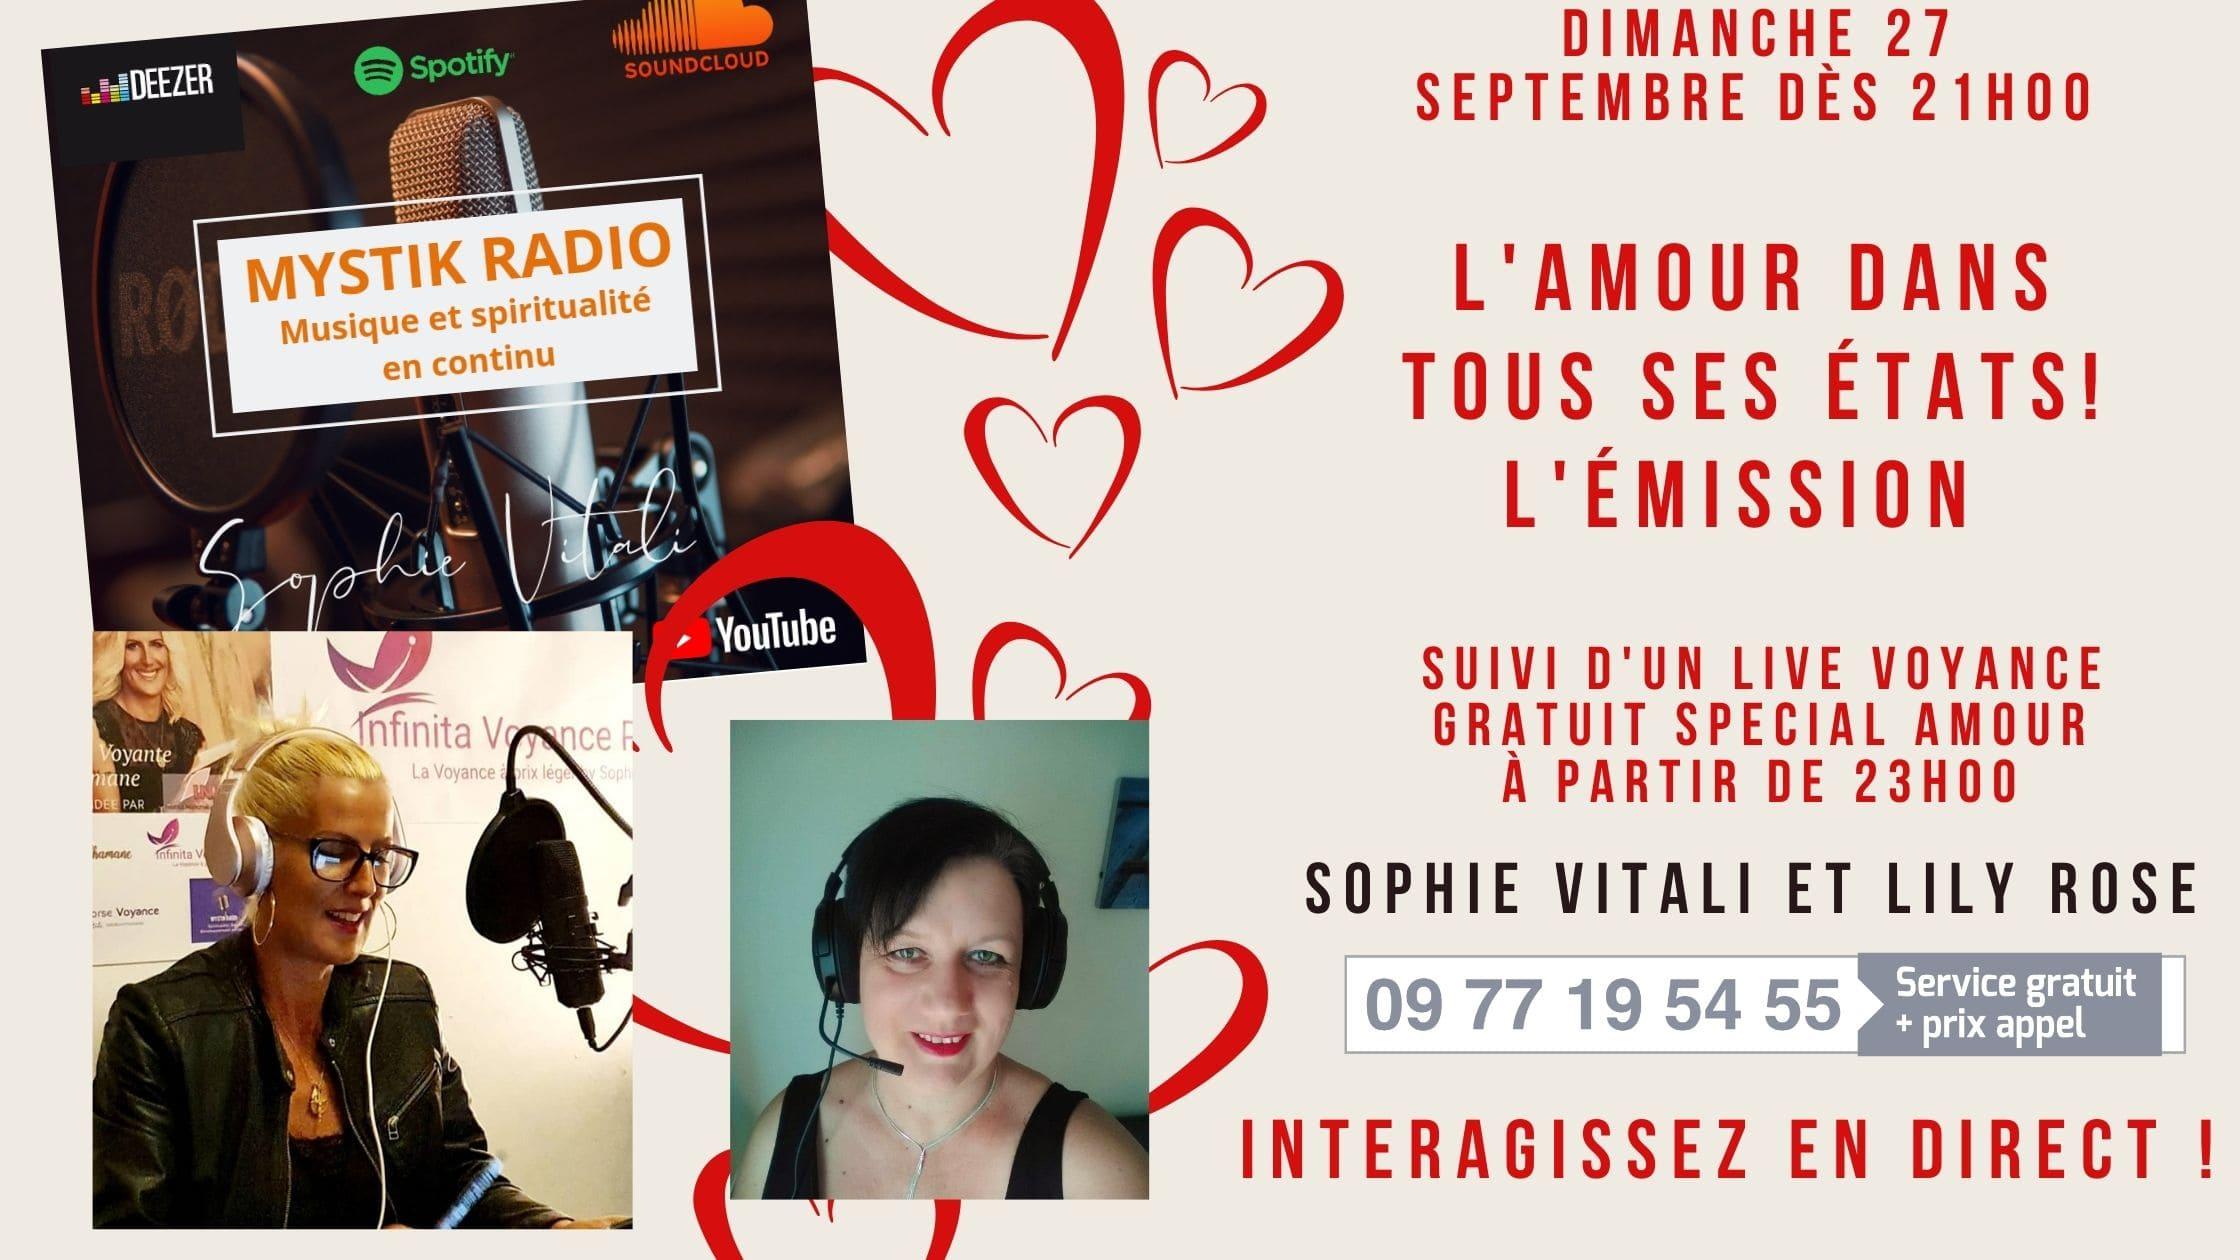 L'amour dans tous ses états ! L'émission. / Mystik radio / Sophie Vitali